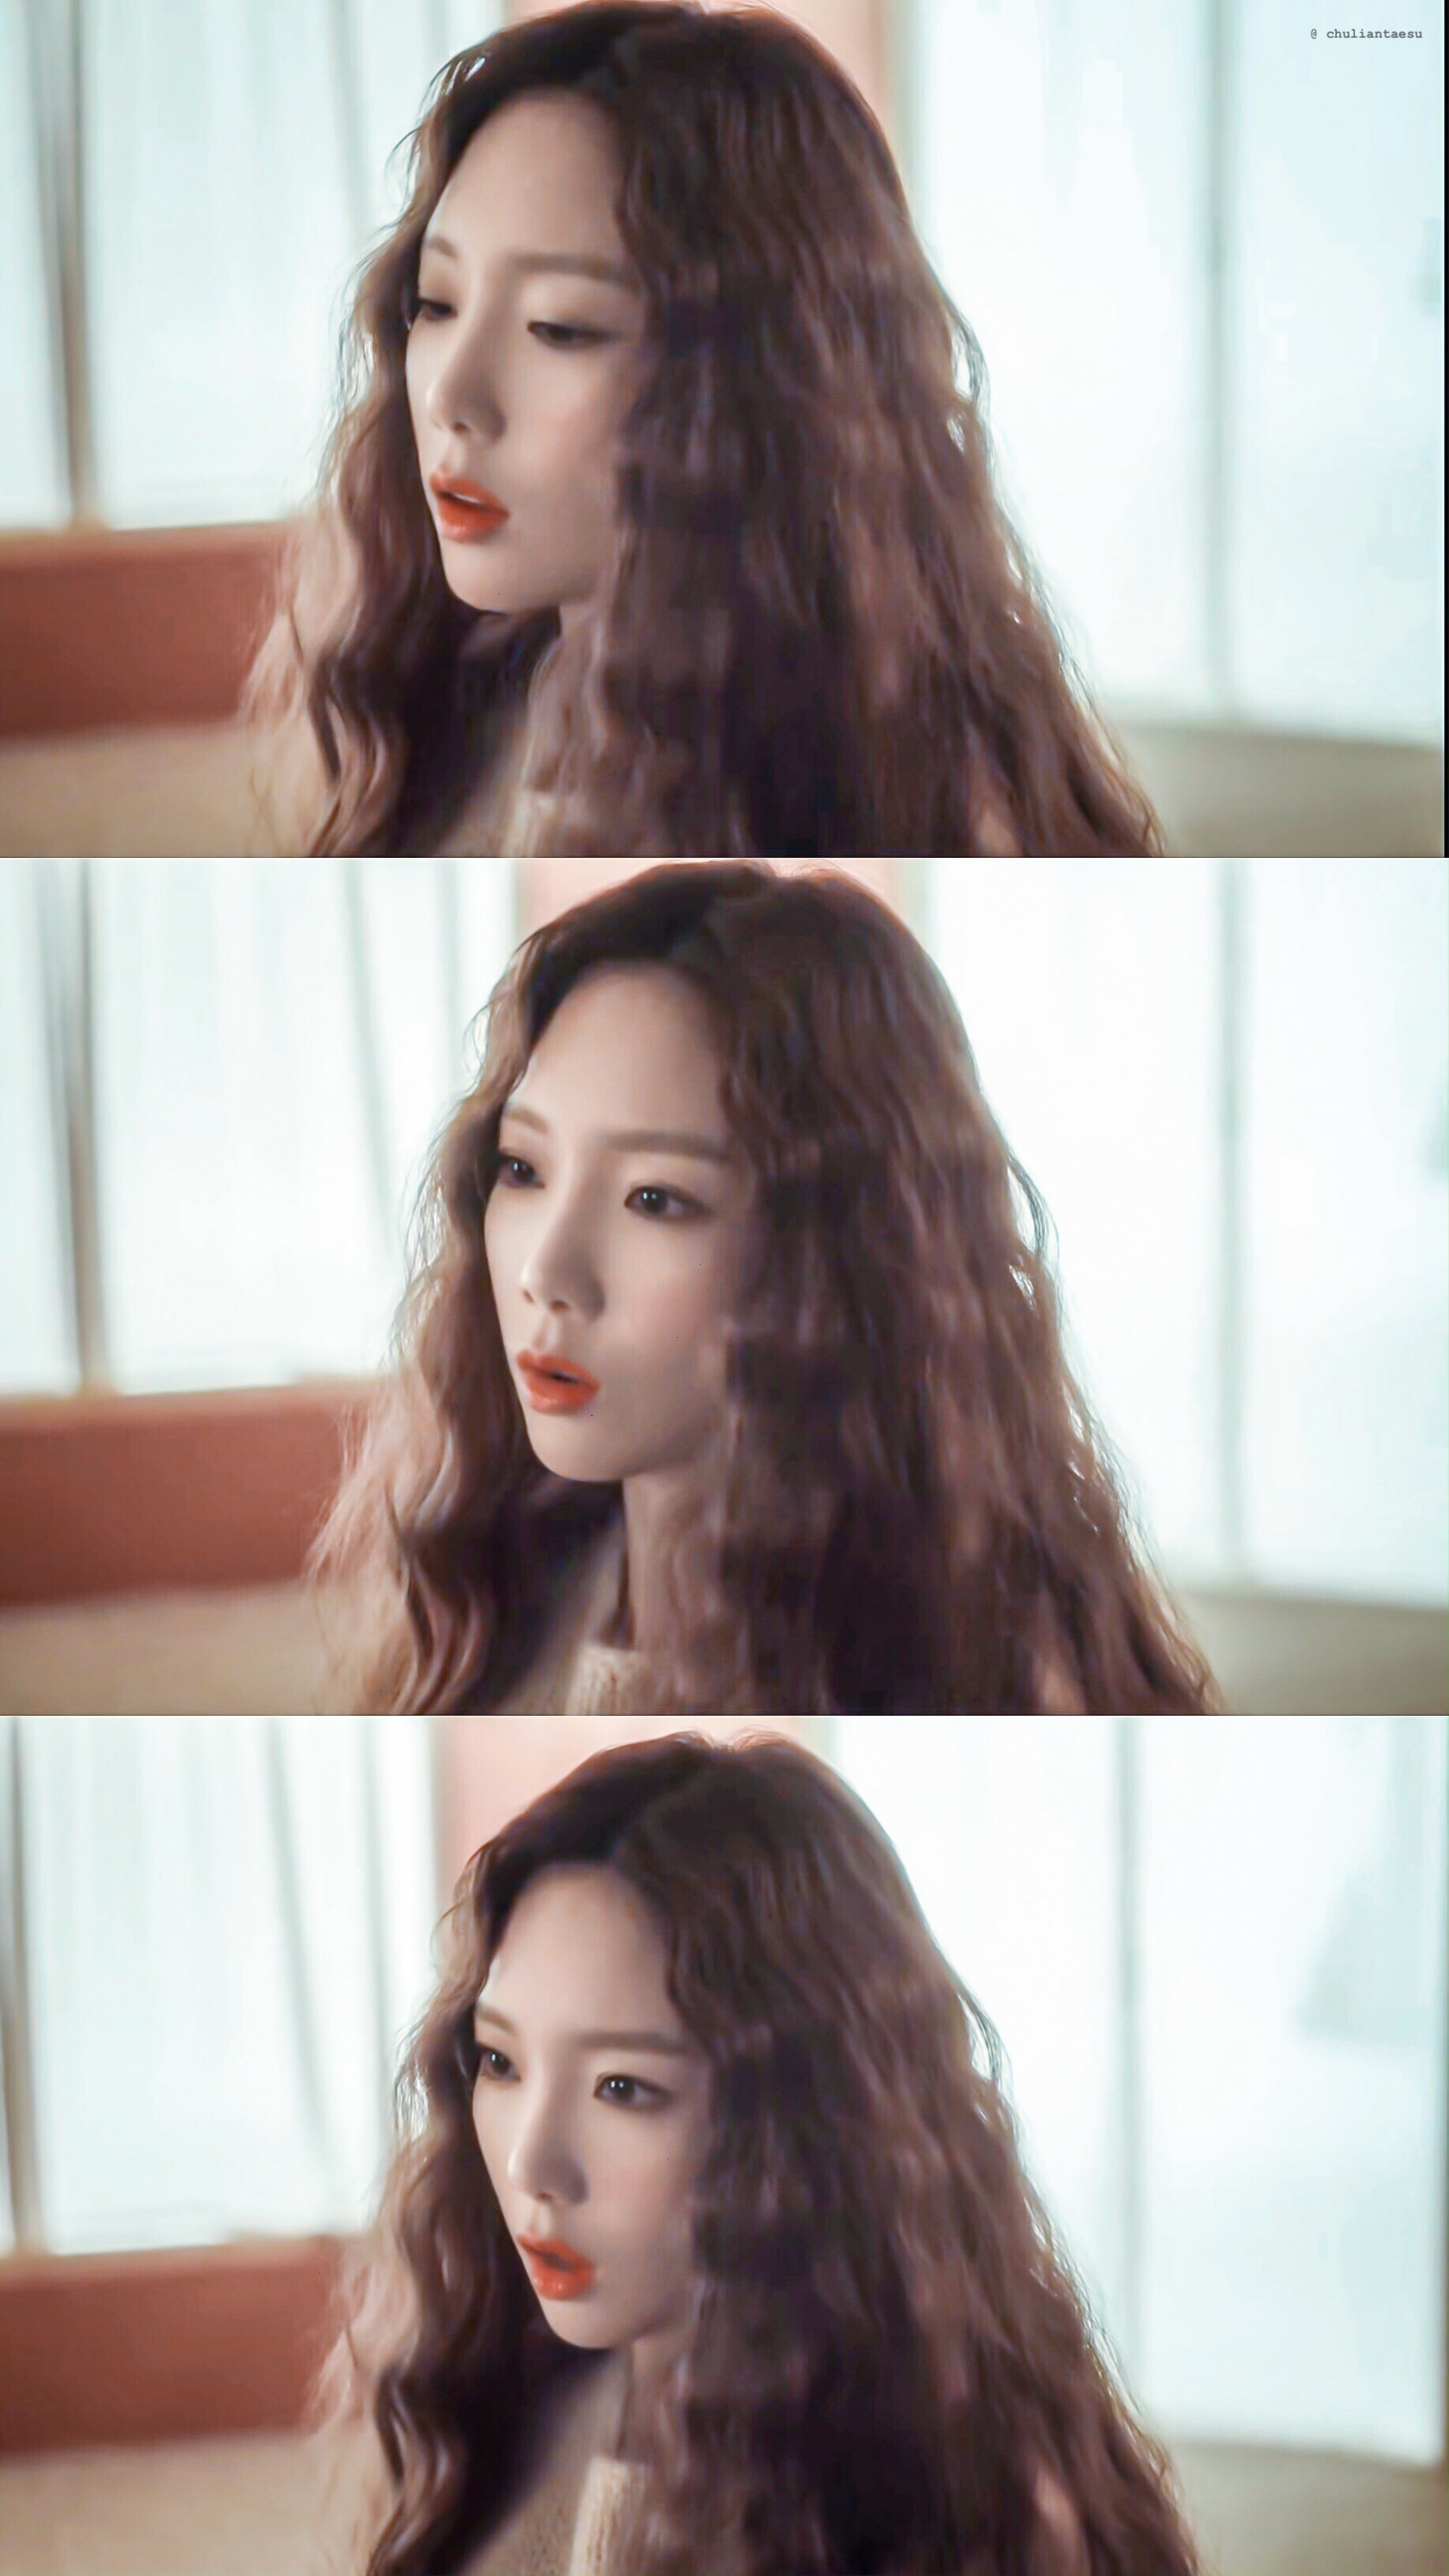 泰妍正规后续专主打曲《Dear Me》MV 修图12Pcr. purple_taeng_